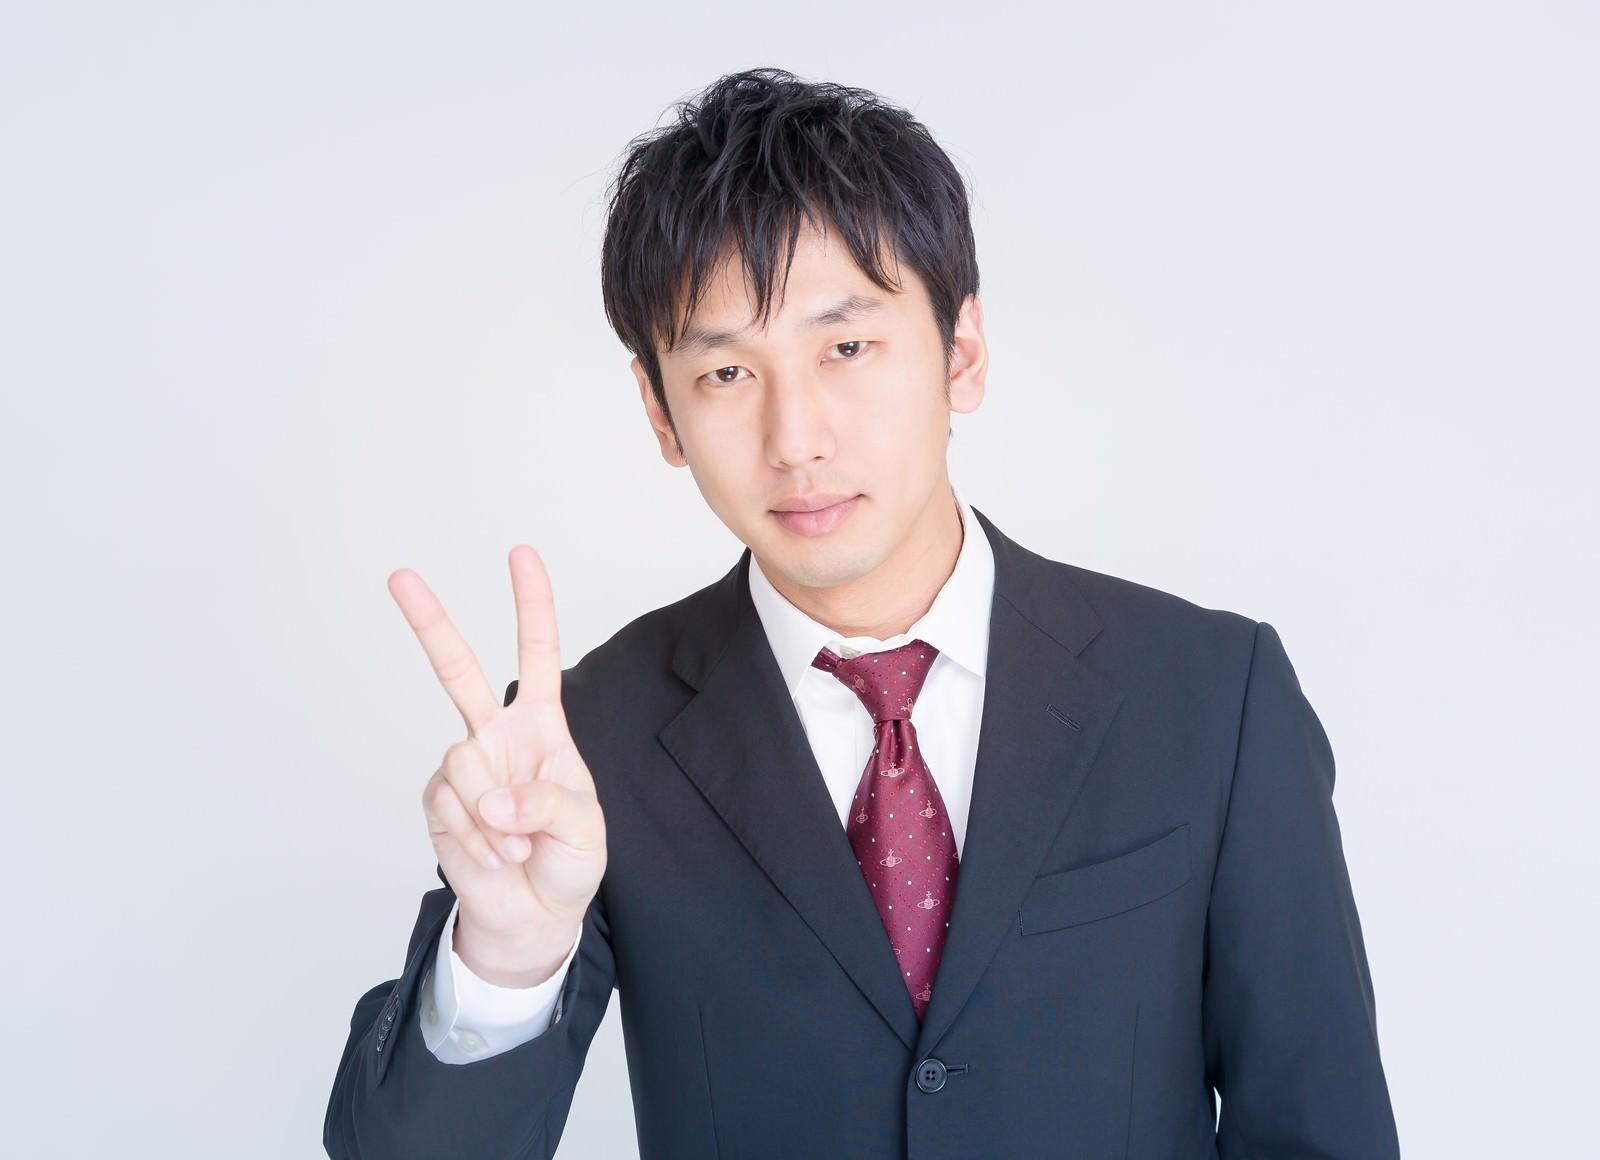 「ピースするビジネスマンピースするビジネスマン」[モデル:大川竜弥]のフリー写真素材を拡大